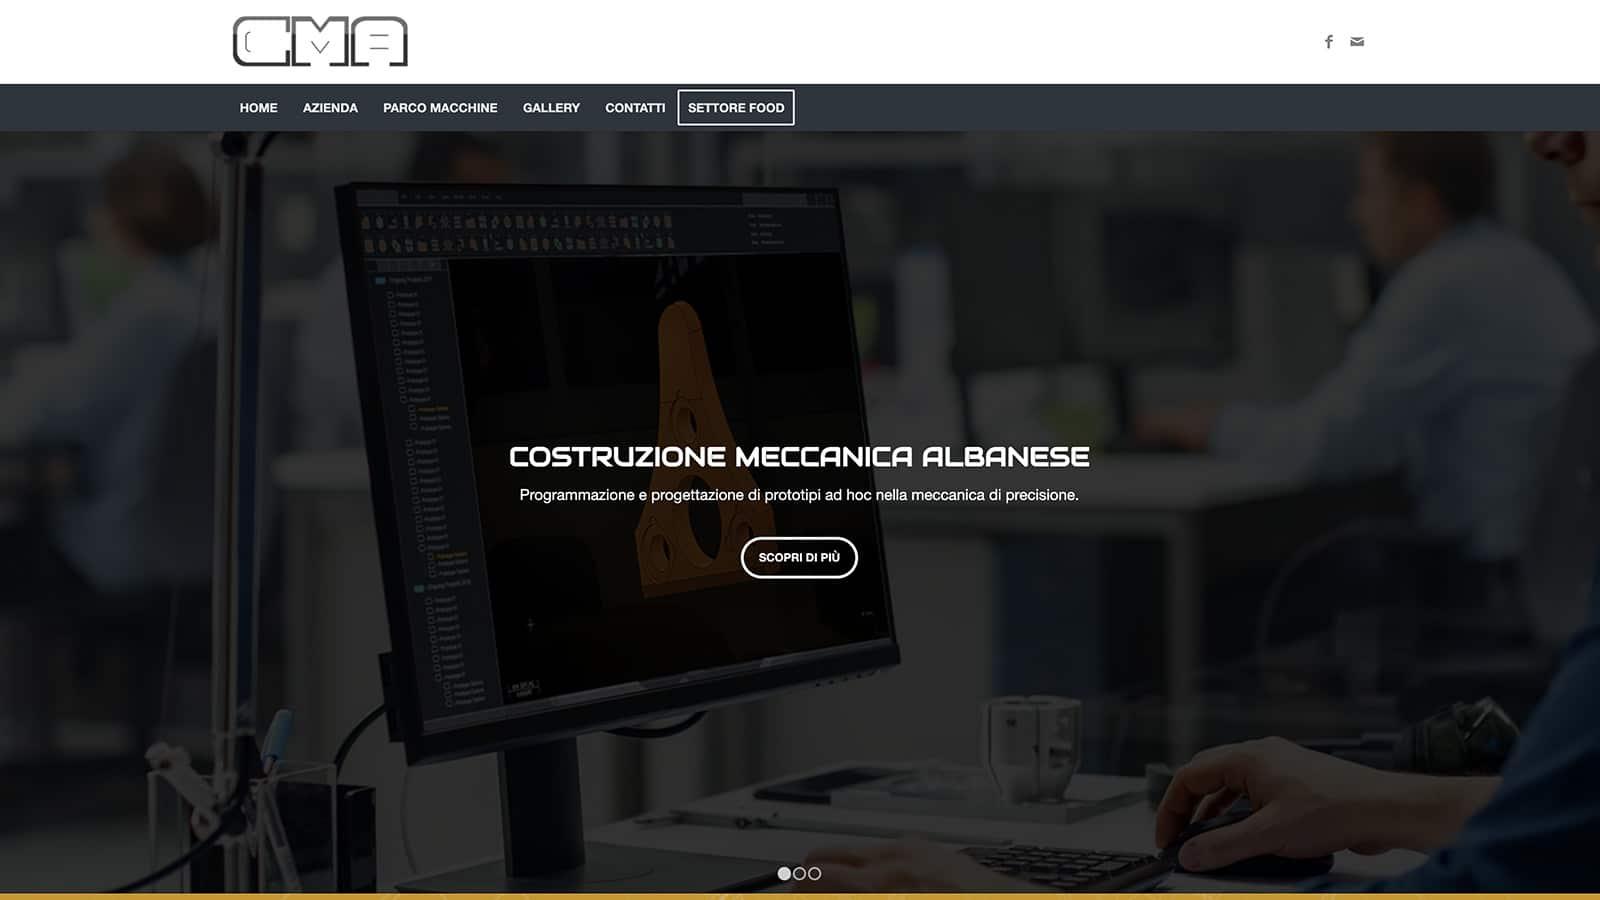 Costruzione Meccanica Albanese